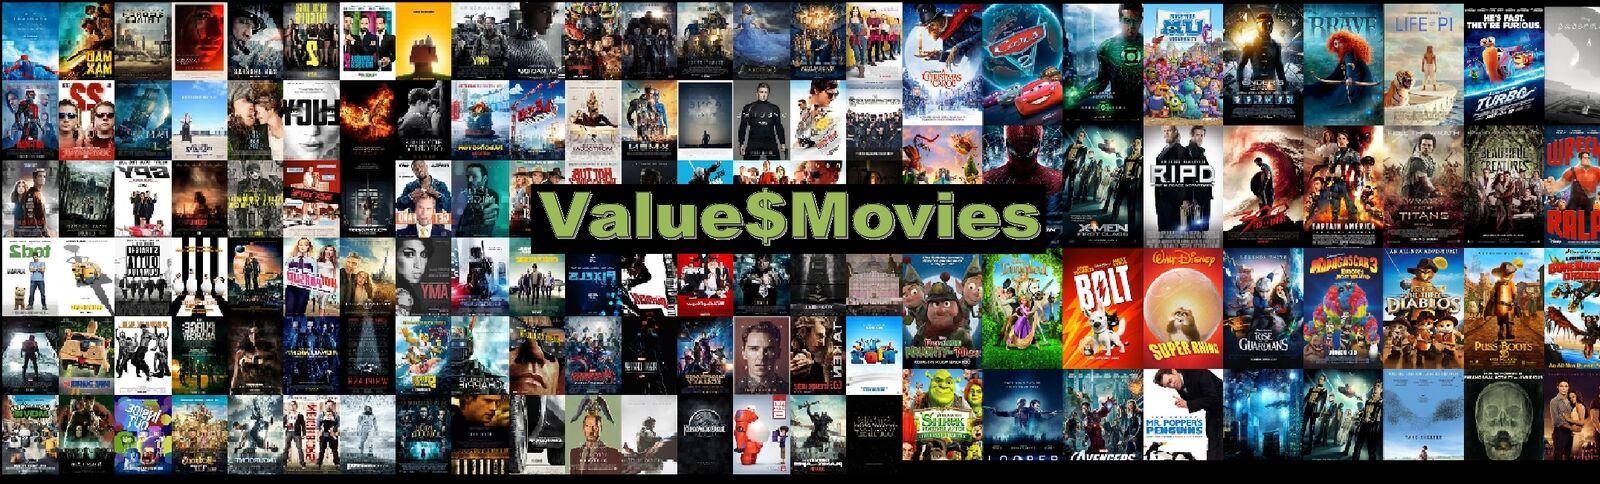 Value$Movies